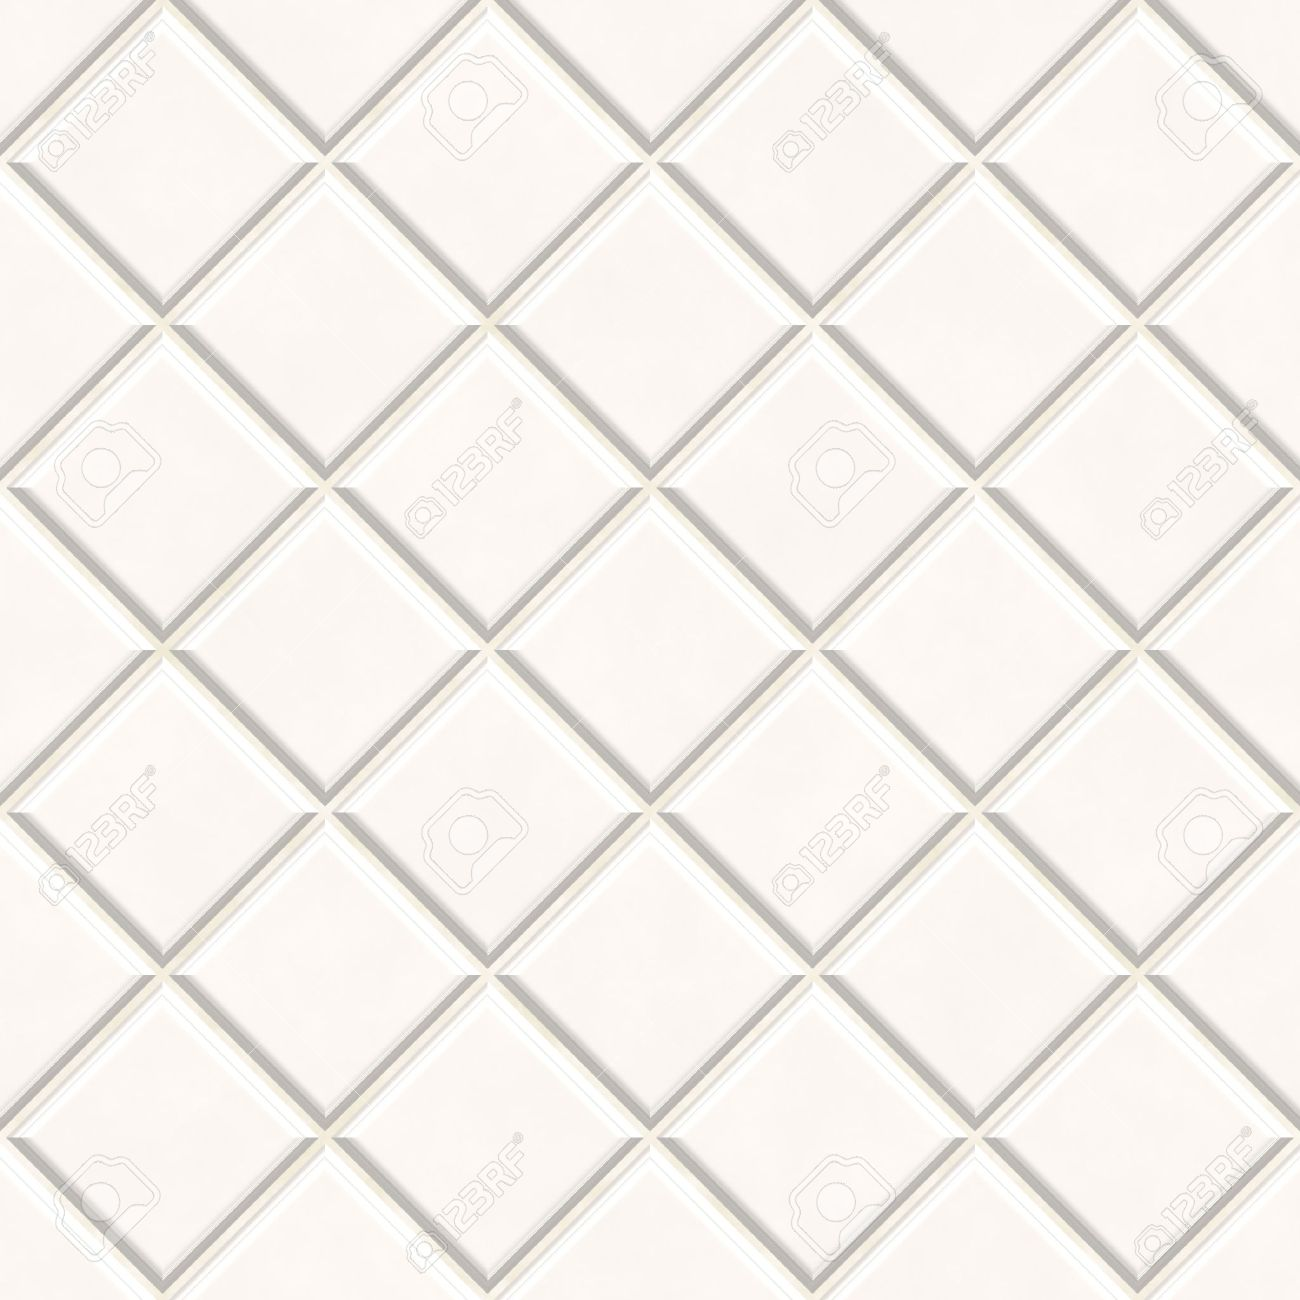 Seamless White Tiles Texture Background, Kitchen Or Bathroom.. Stock ...